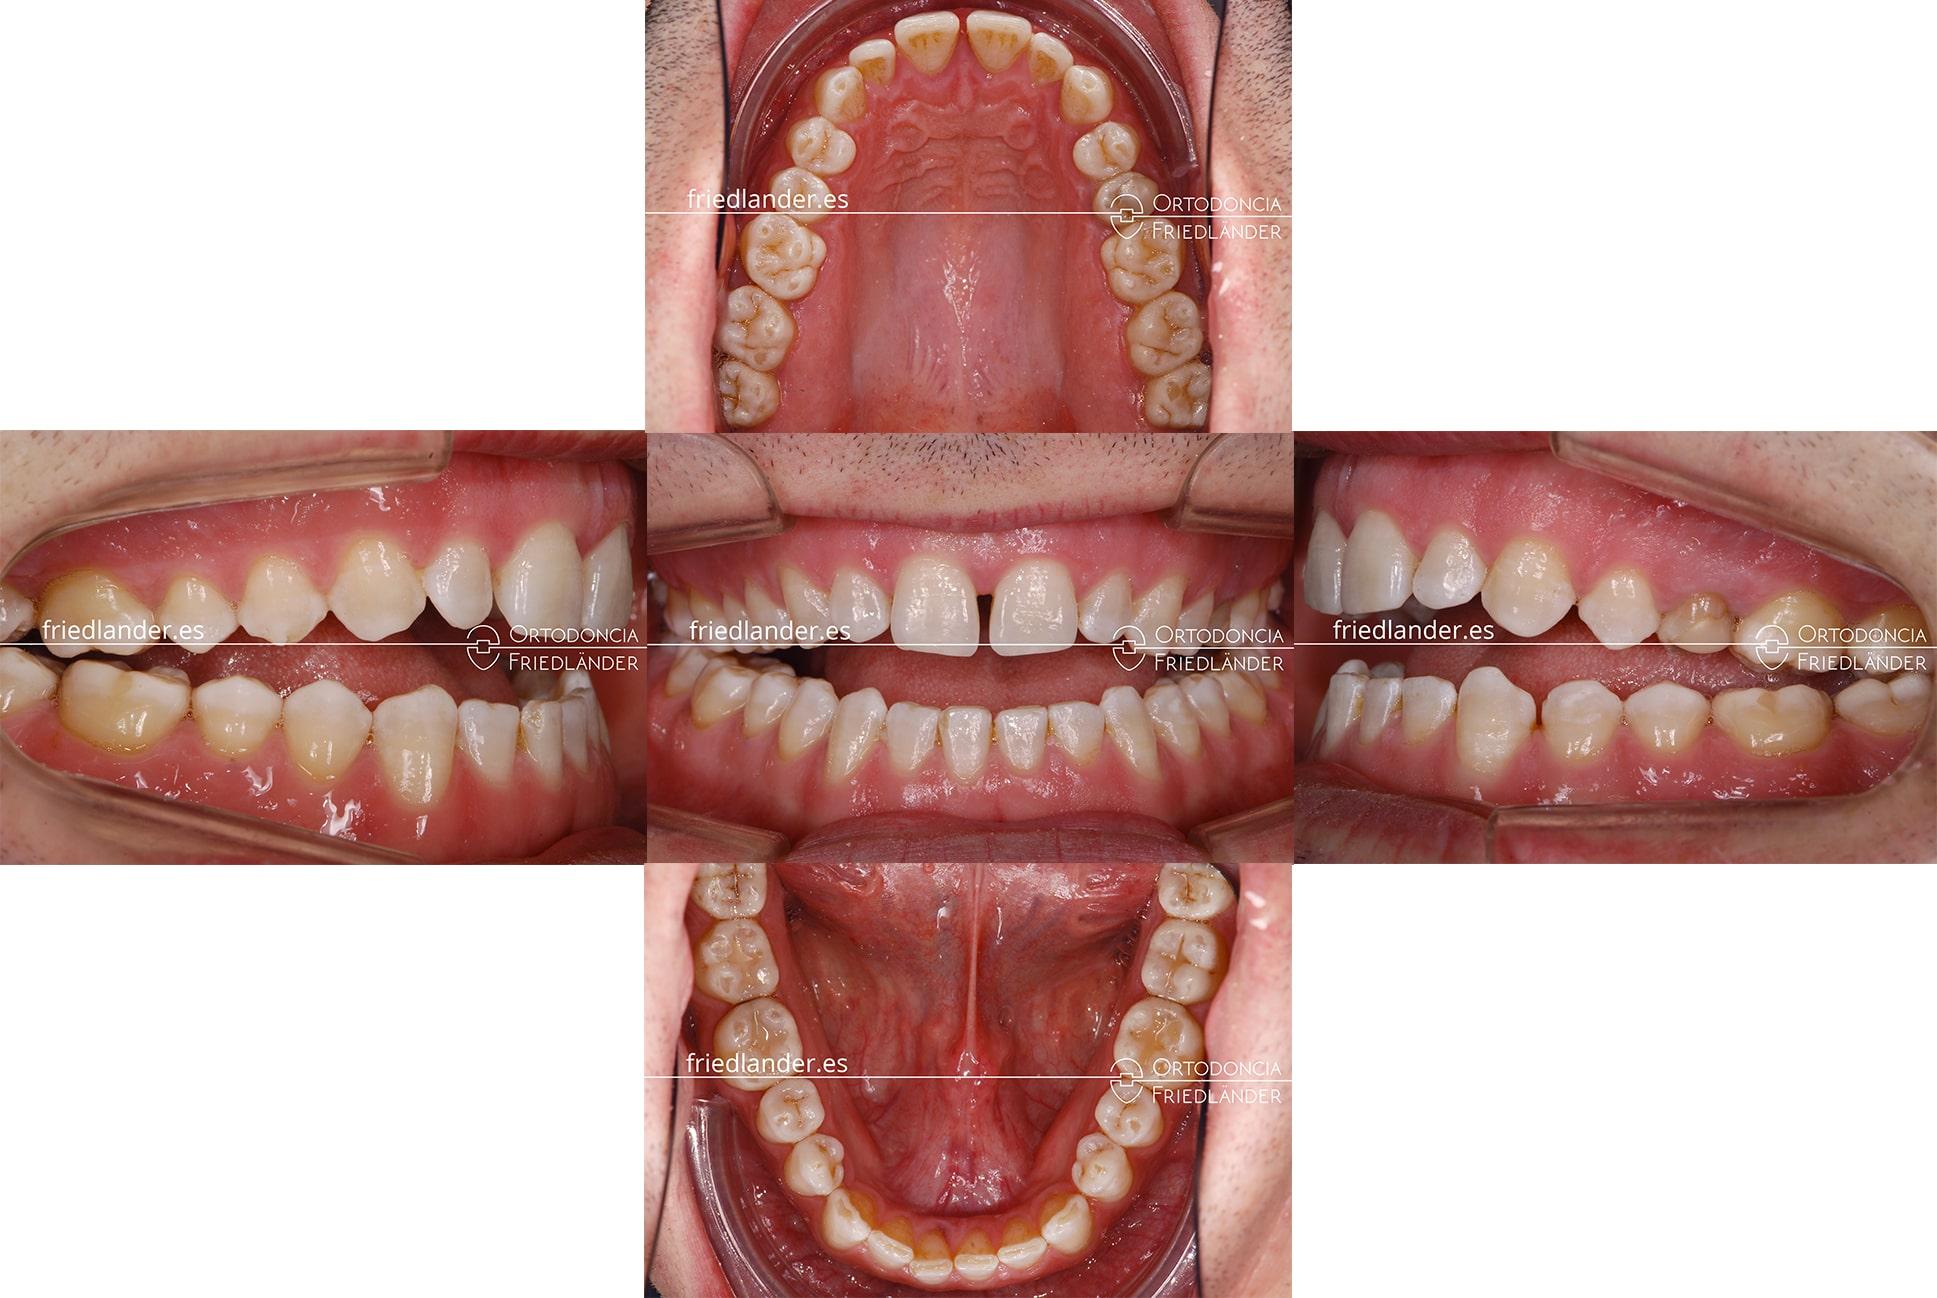 Ortodoncia Friedlander barcelona mordida abierta tratamiento real